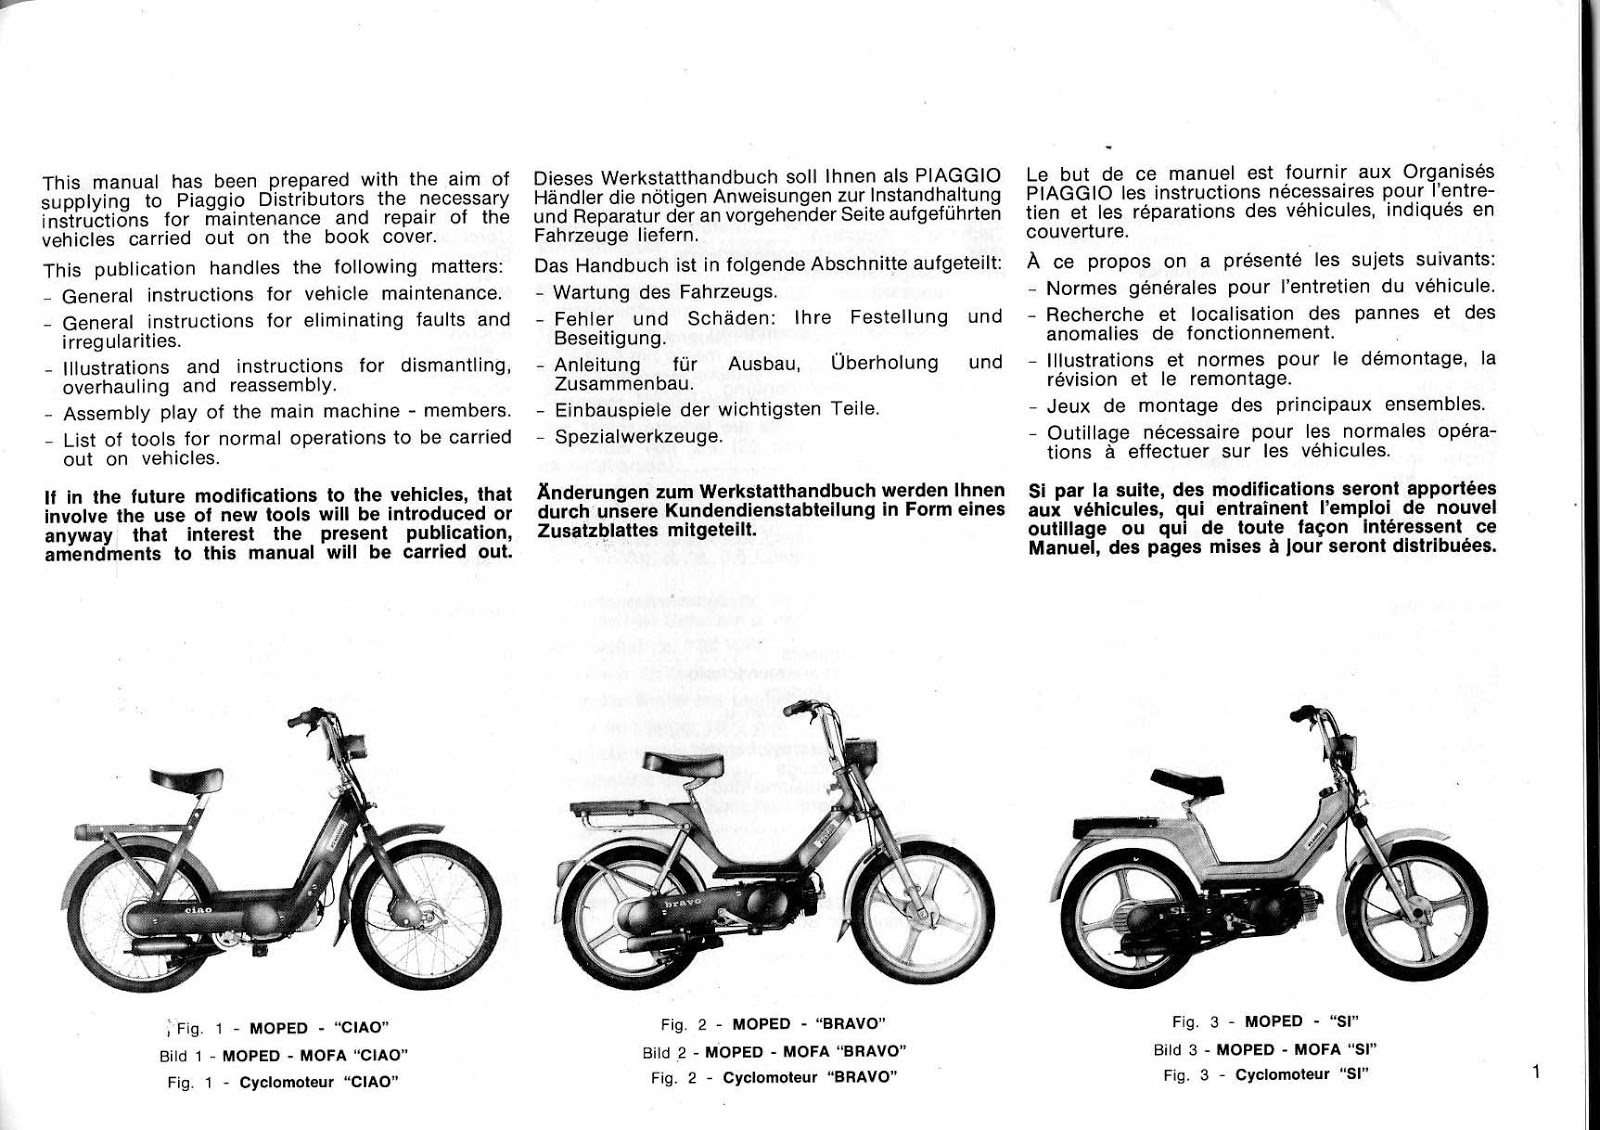 restored motorcycle style vespa bravo si ciao manual rh restoredstyle blogspot com 1978 Vespa Bravo Parts vespa piaggio bravo service manual